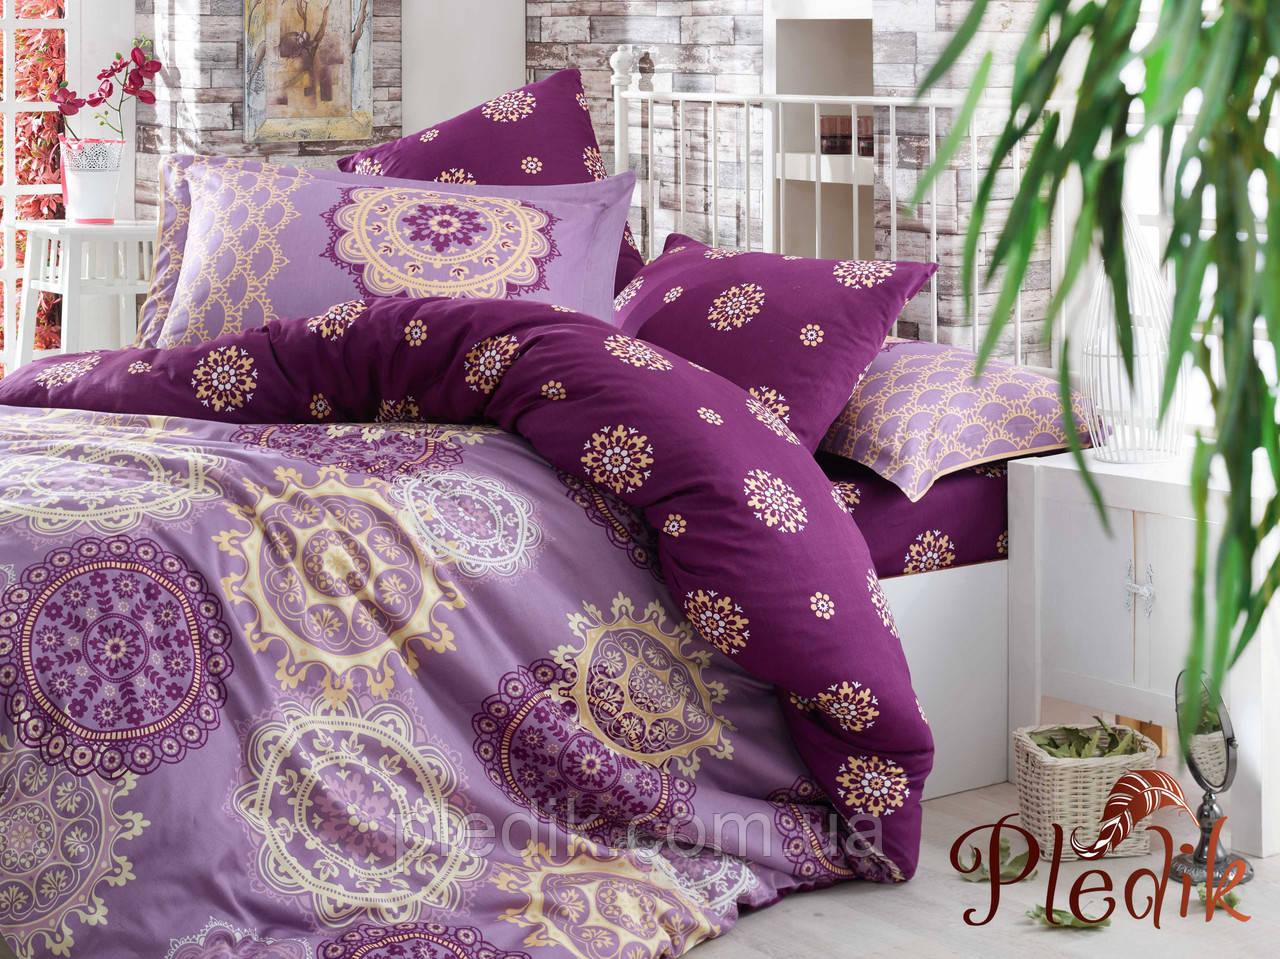 Комплект постельного белья 200х220 HOBBY Exclusive Sateen Ottoman фиолетовый